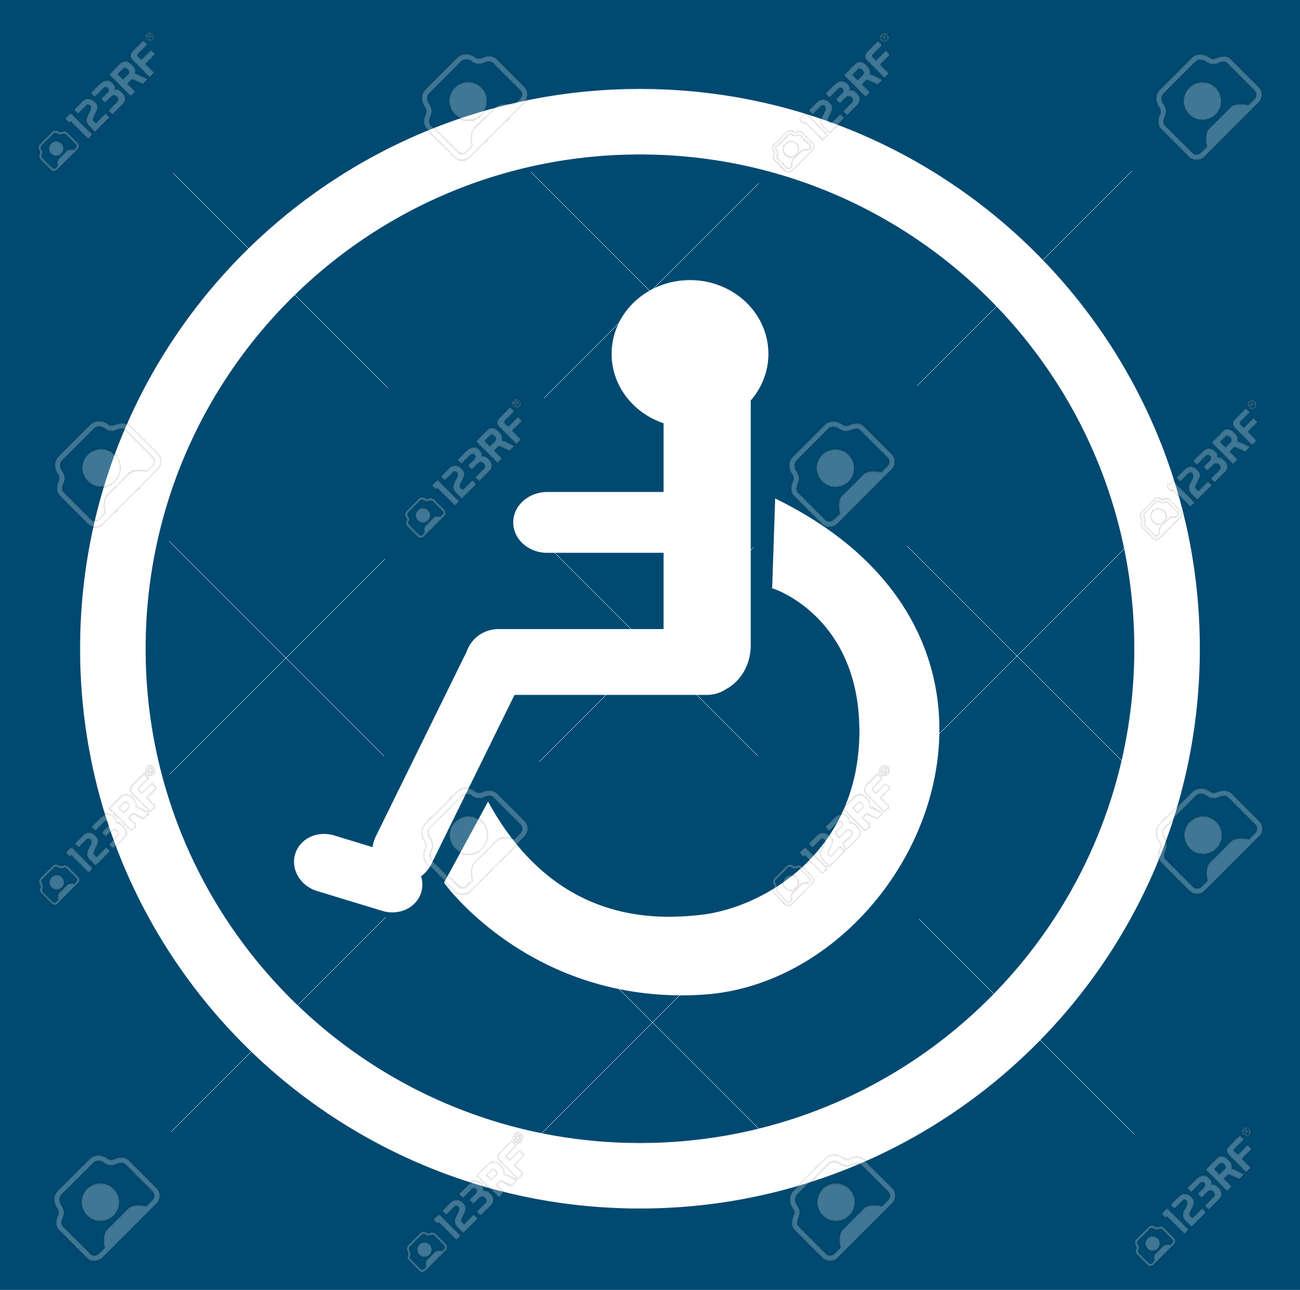 Bagno Per Persone Con Disabilità, Bagno Per Disabili, Segnaletica ...